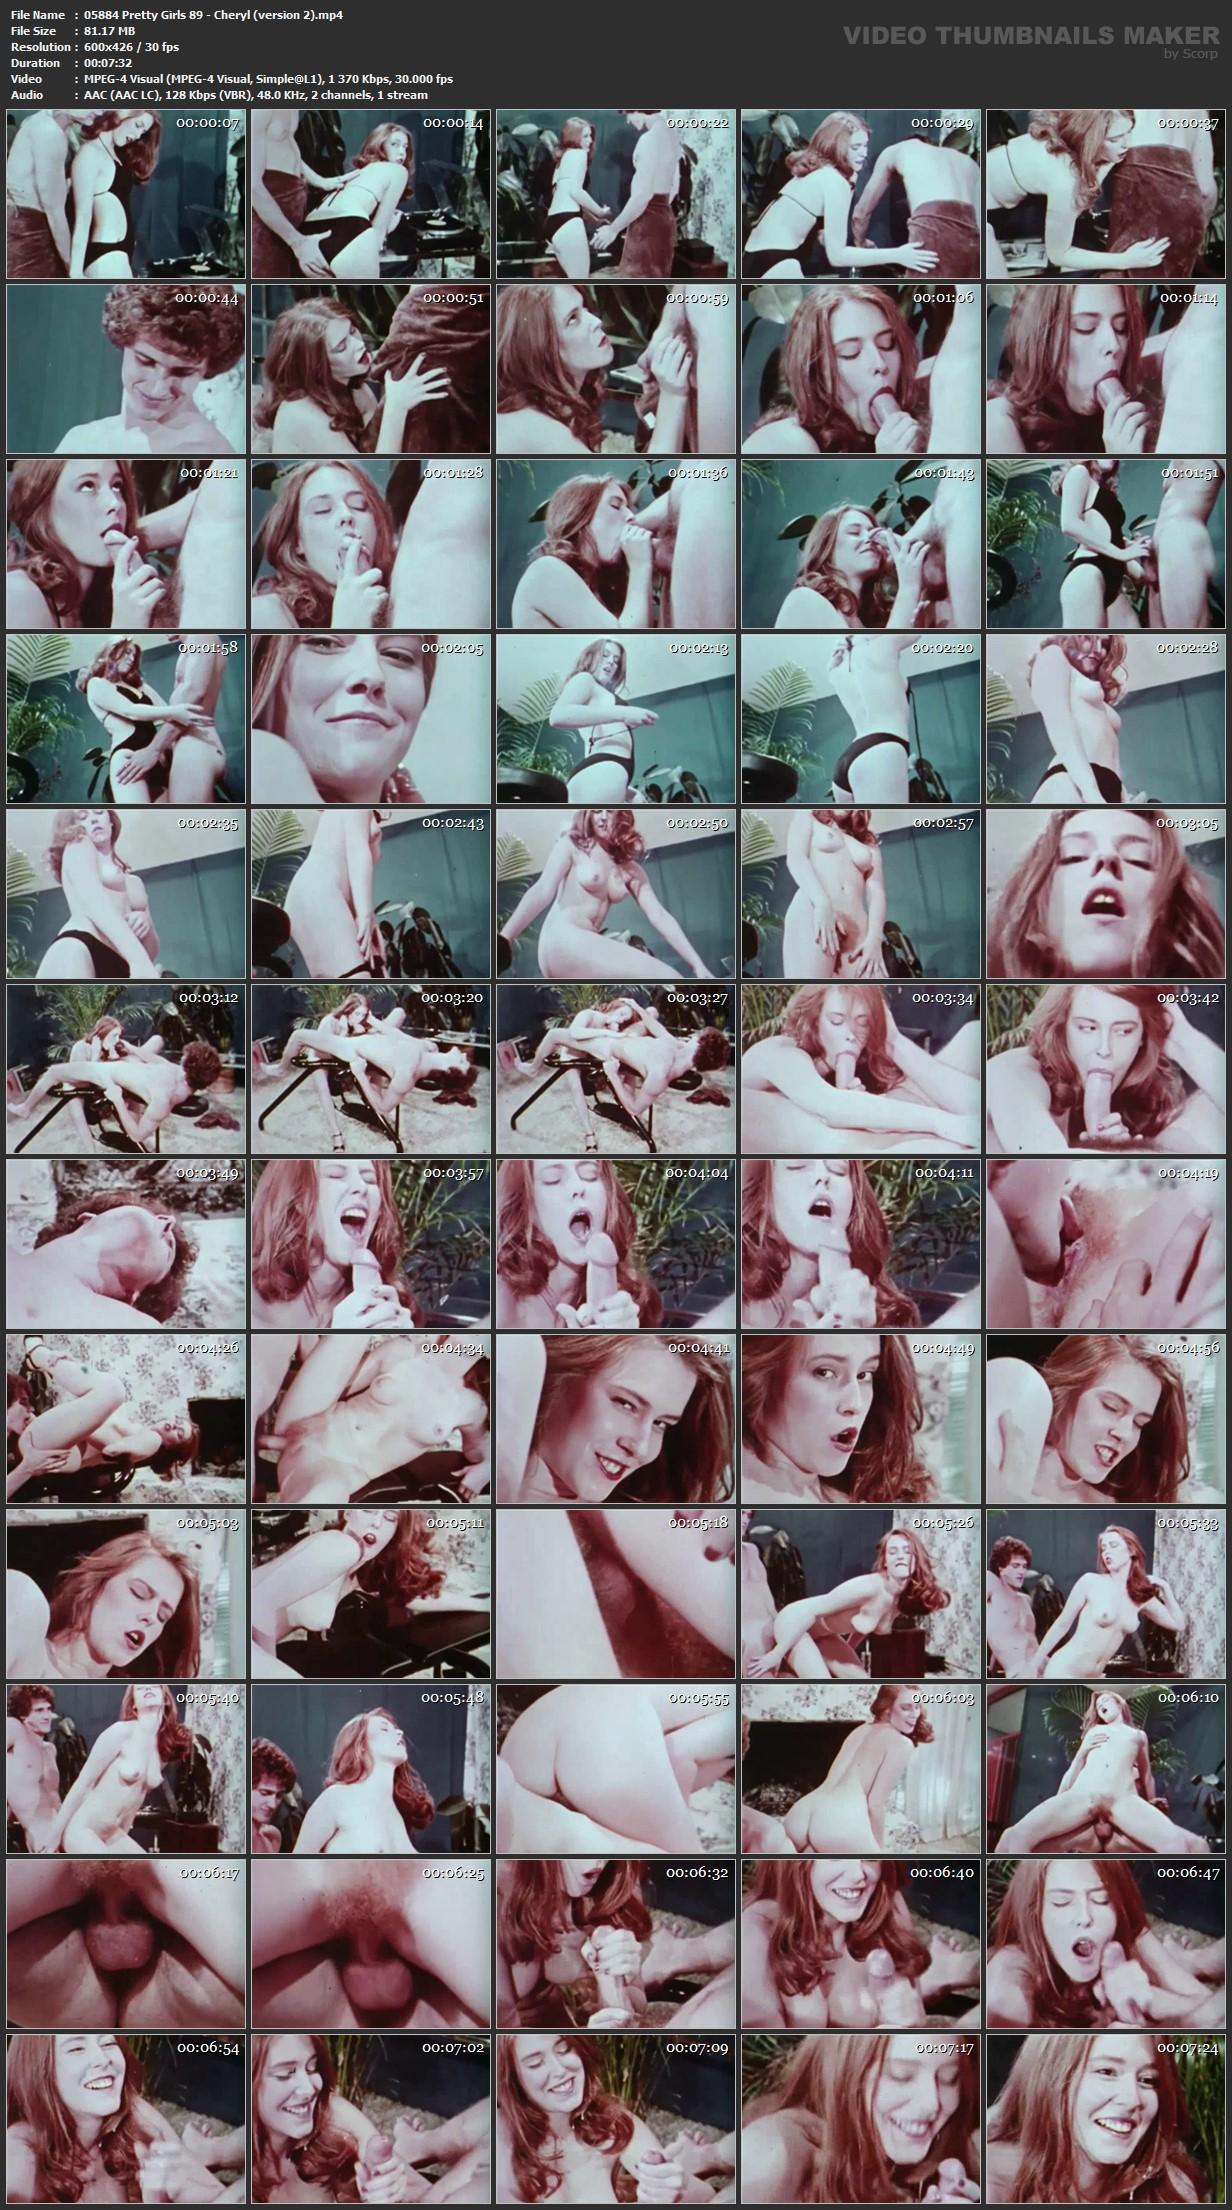 Pretty Girls 89 - Cheryl (version 2)